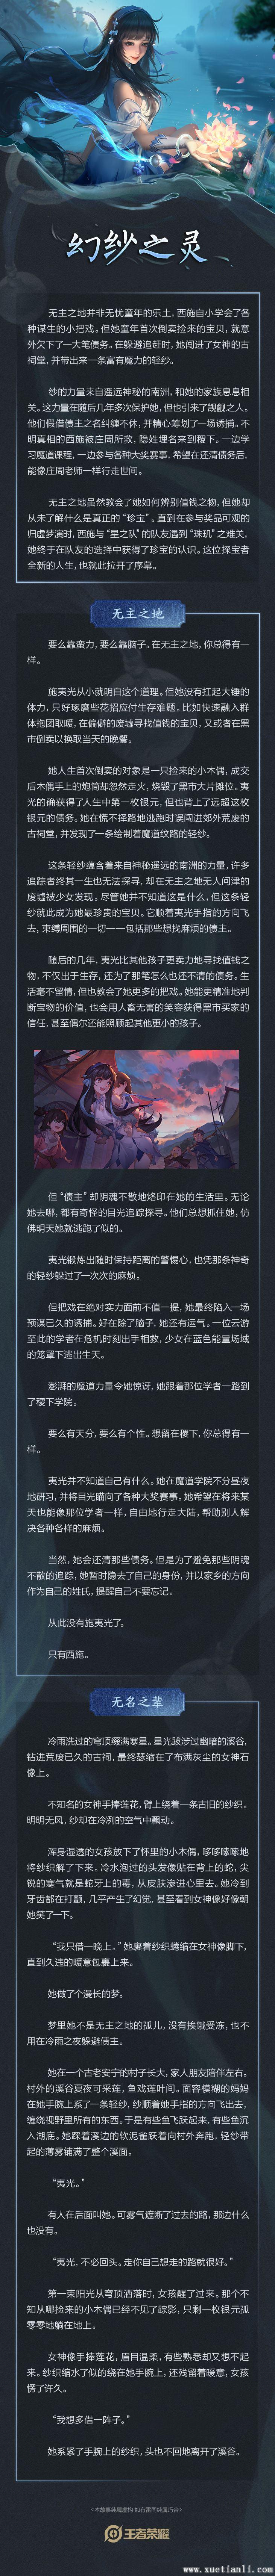 王者荣耀西施背景故事大爆料